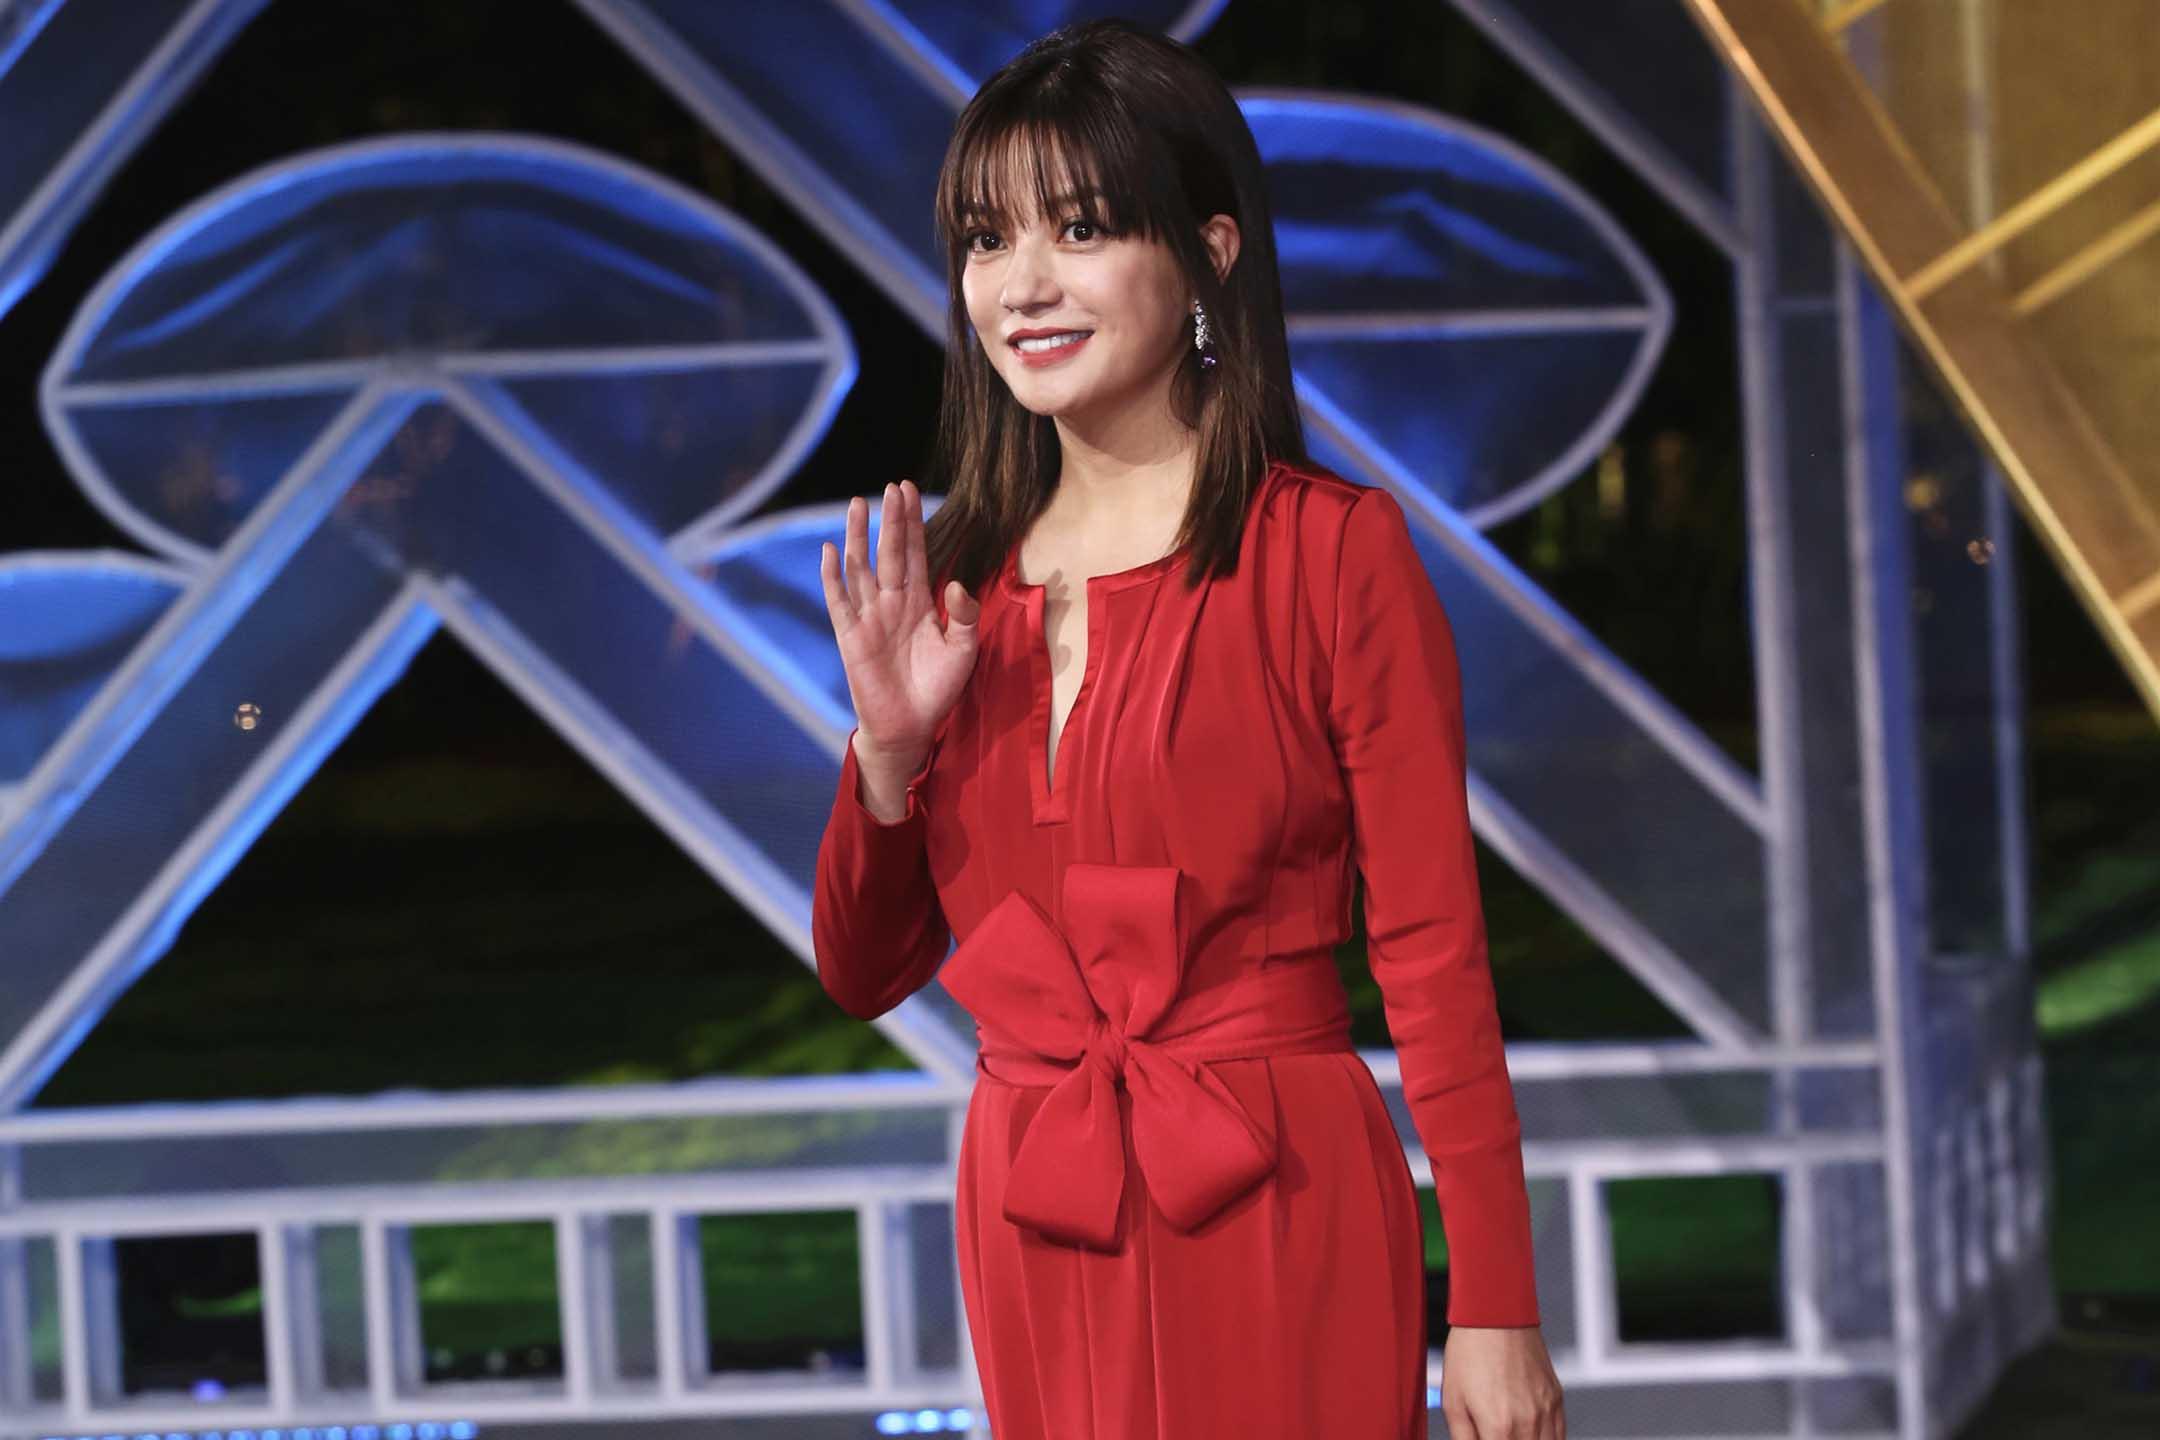 2019年11月23日中國廈門,女演員趙薇出席第28屆中國金雞百花電影節閉幕式。 圖:VCG via Getty Images